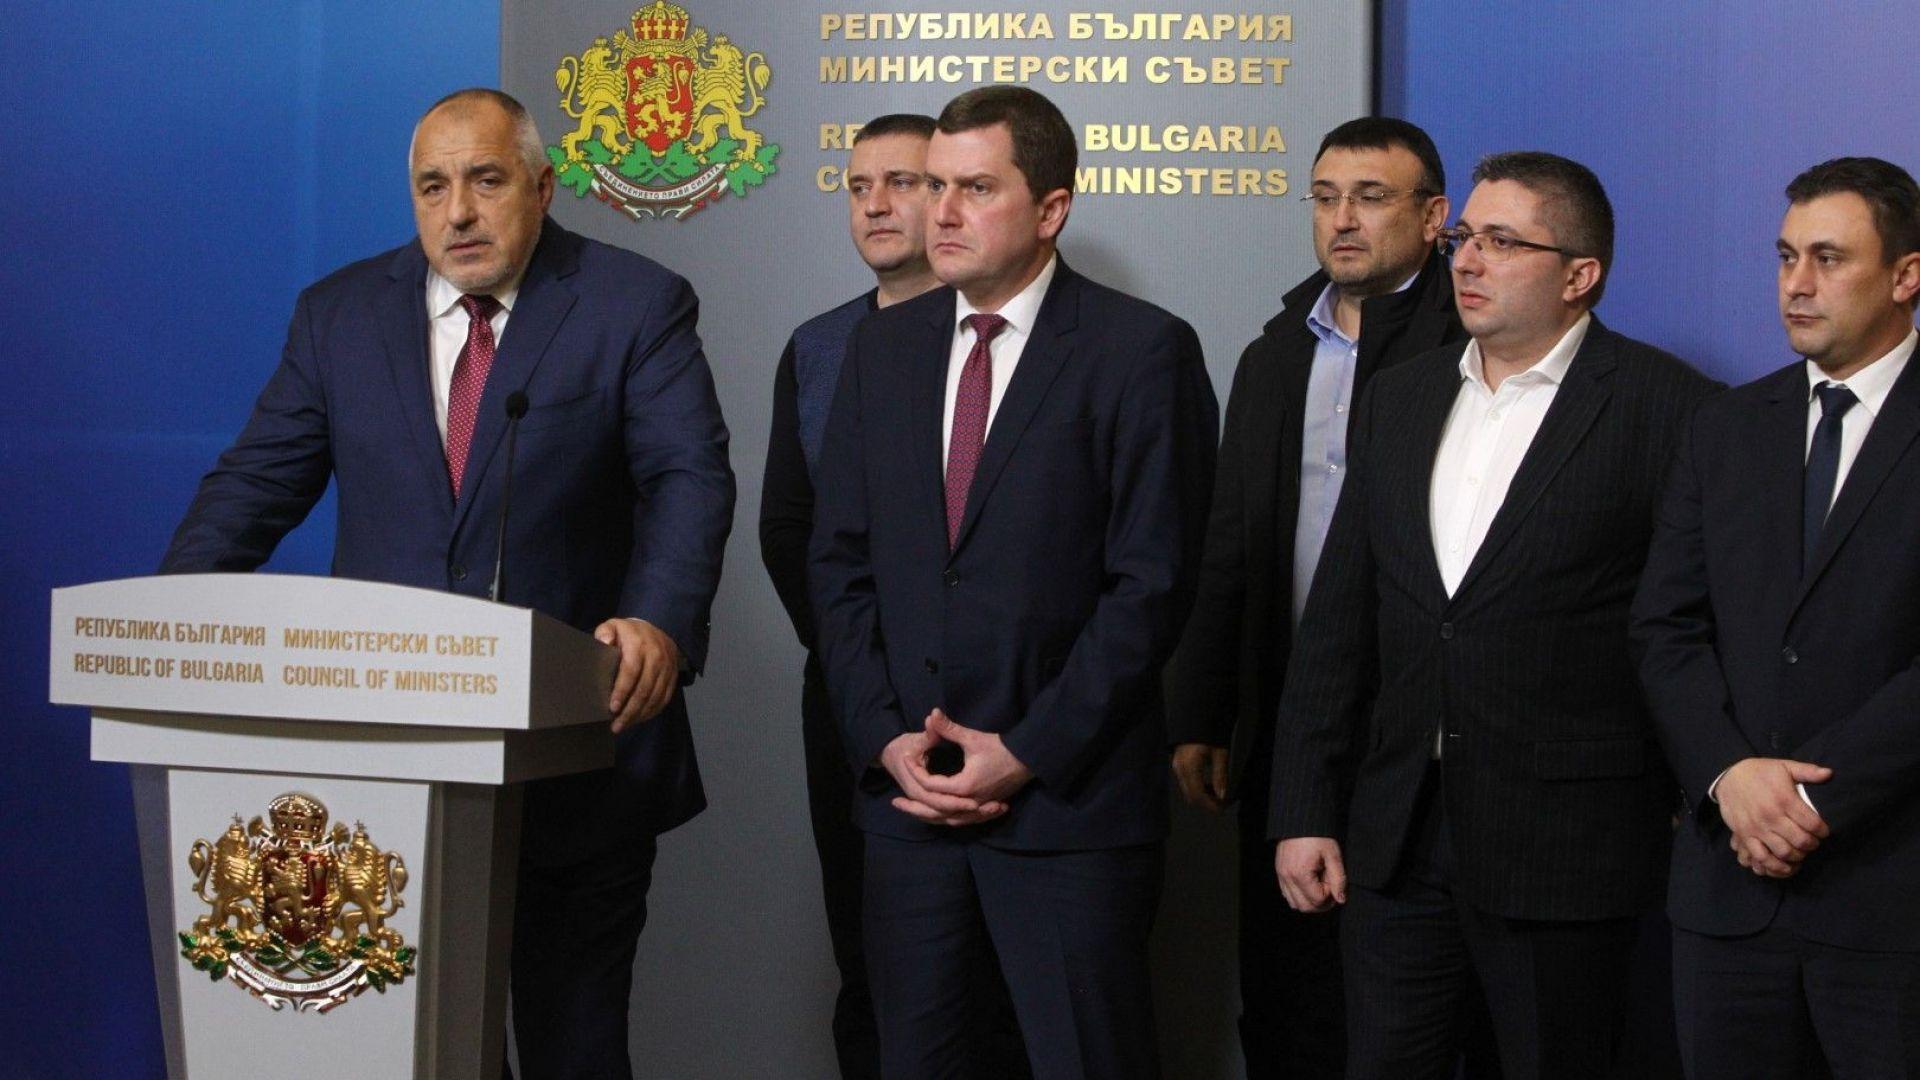 Правителството отпусна 35 млн. лв. за Перник, започва проверка на всички ВиК дружества